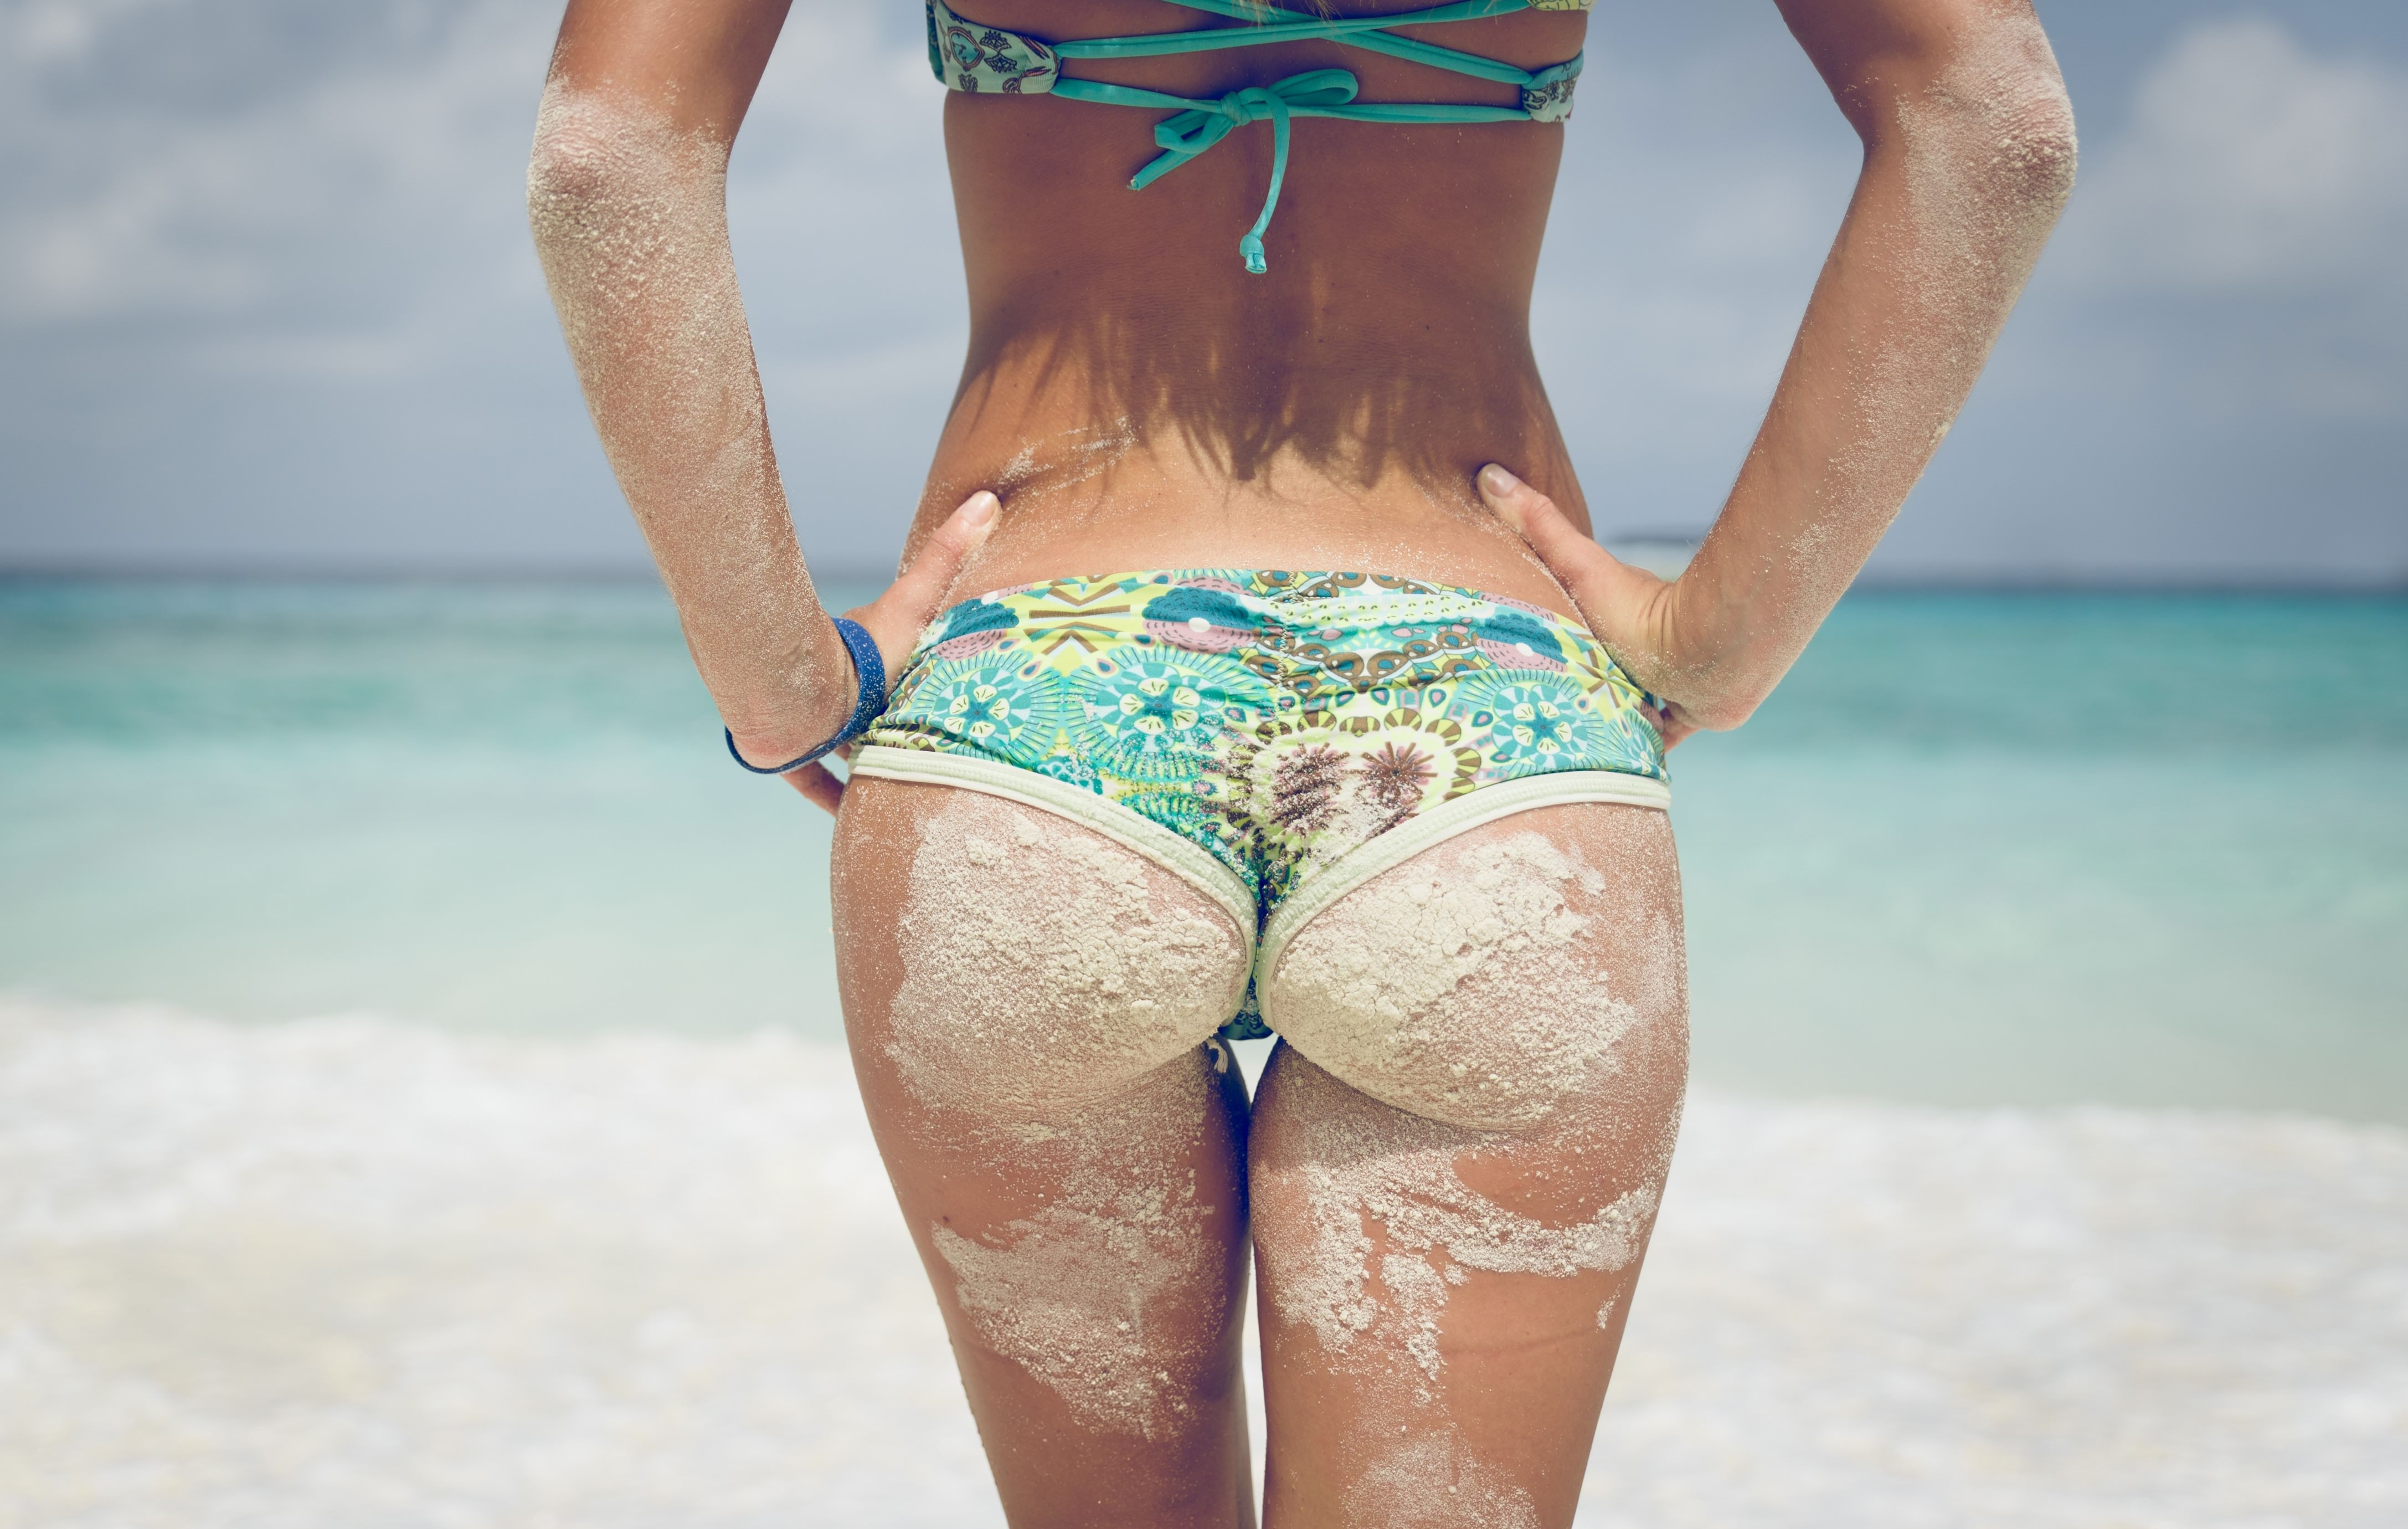 Фото Загорелая красивая попка в песке, девушка в голубых шортиках на пляже, бедра в песке, море, купальник, скачать картинку бесплатно